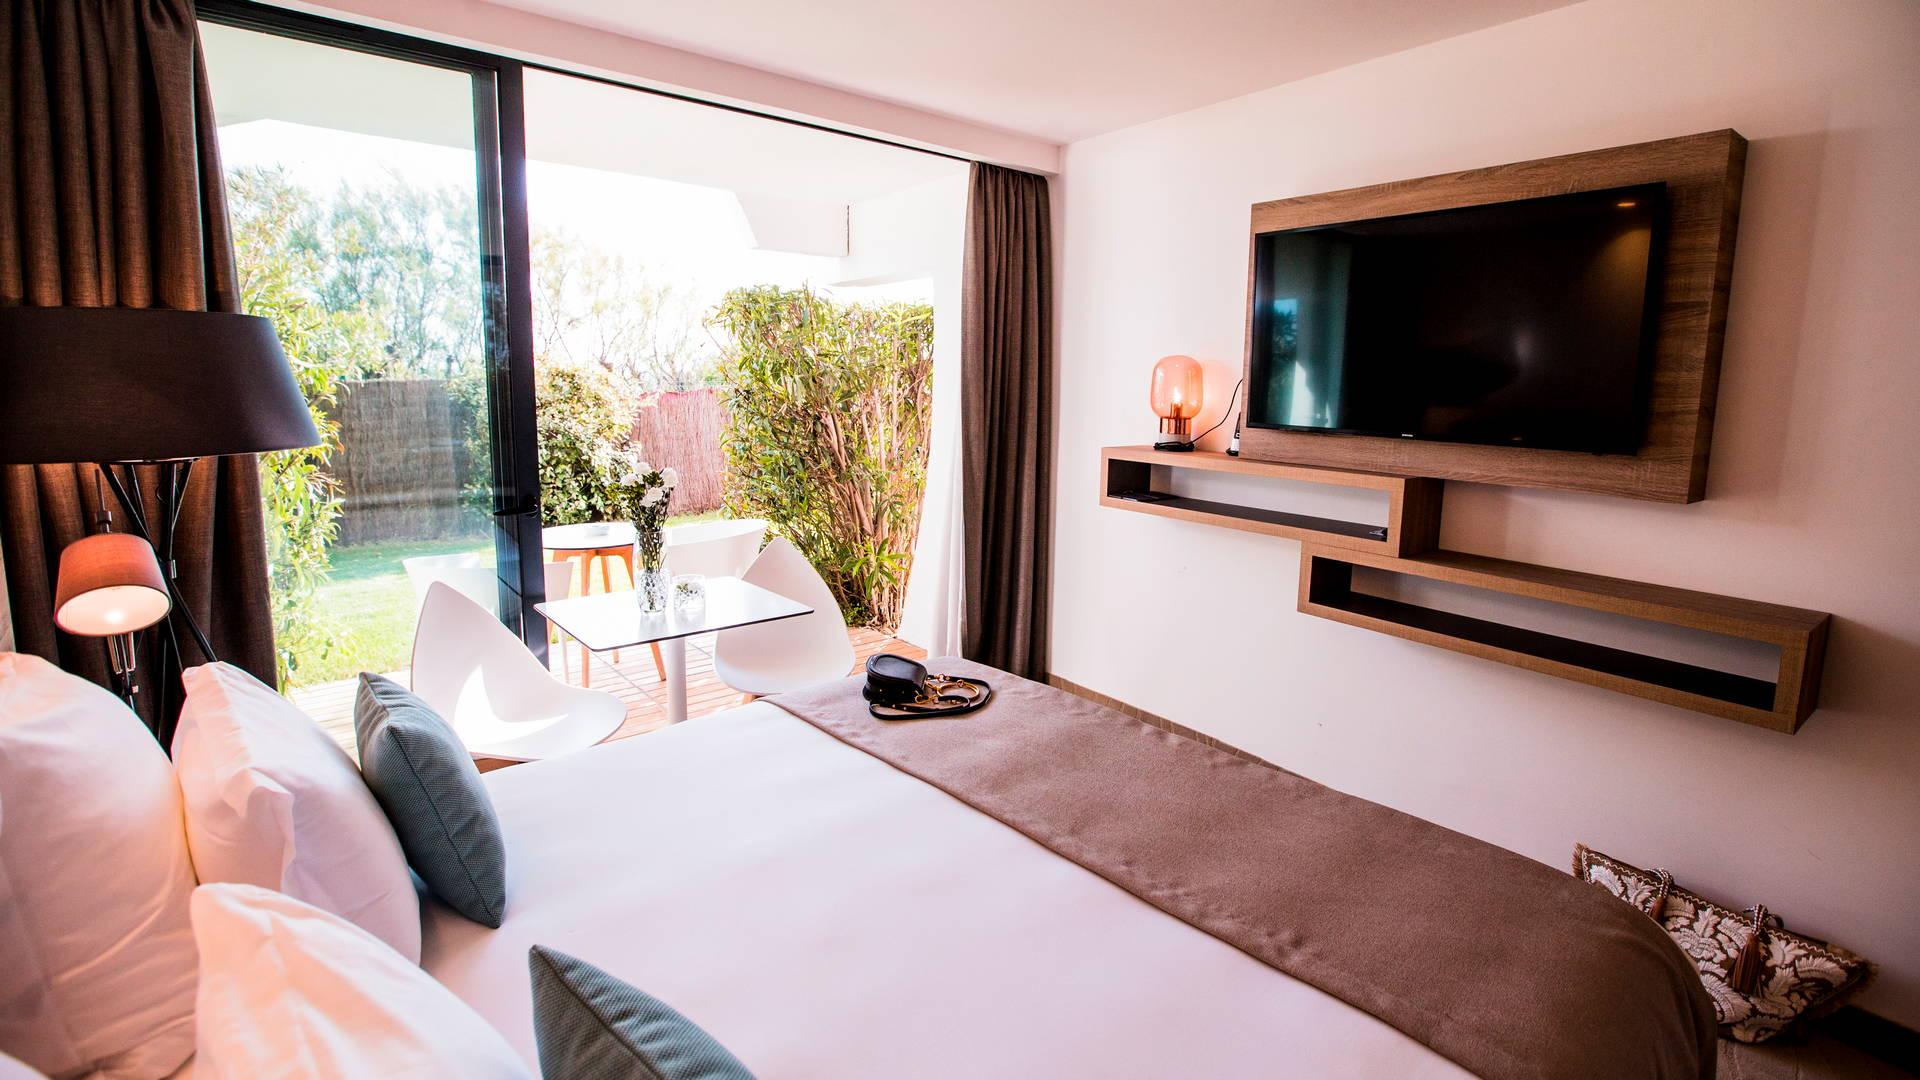 Chambre classique avec télévision, lit double et jardin privé, hôtel de charme bord de mer, Hôtel La Plage.